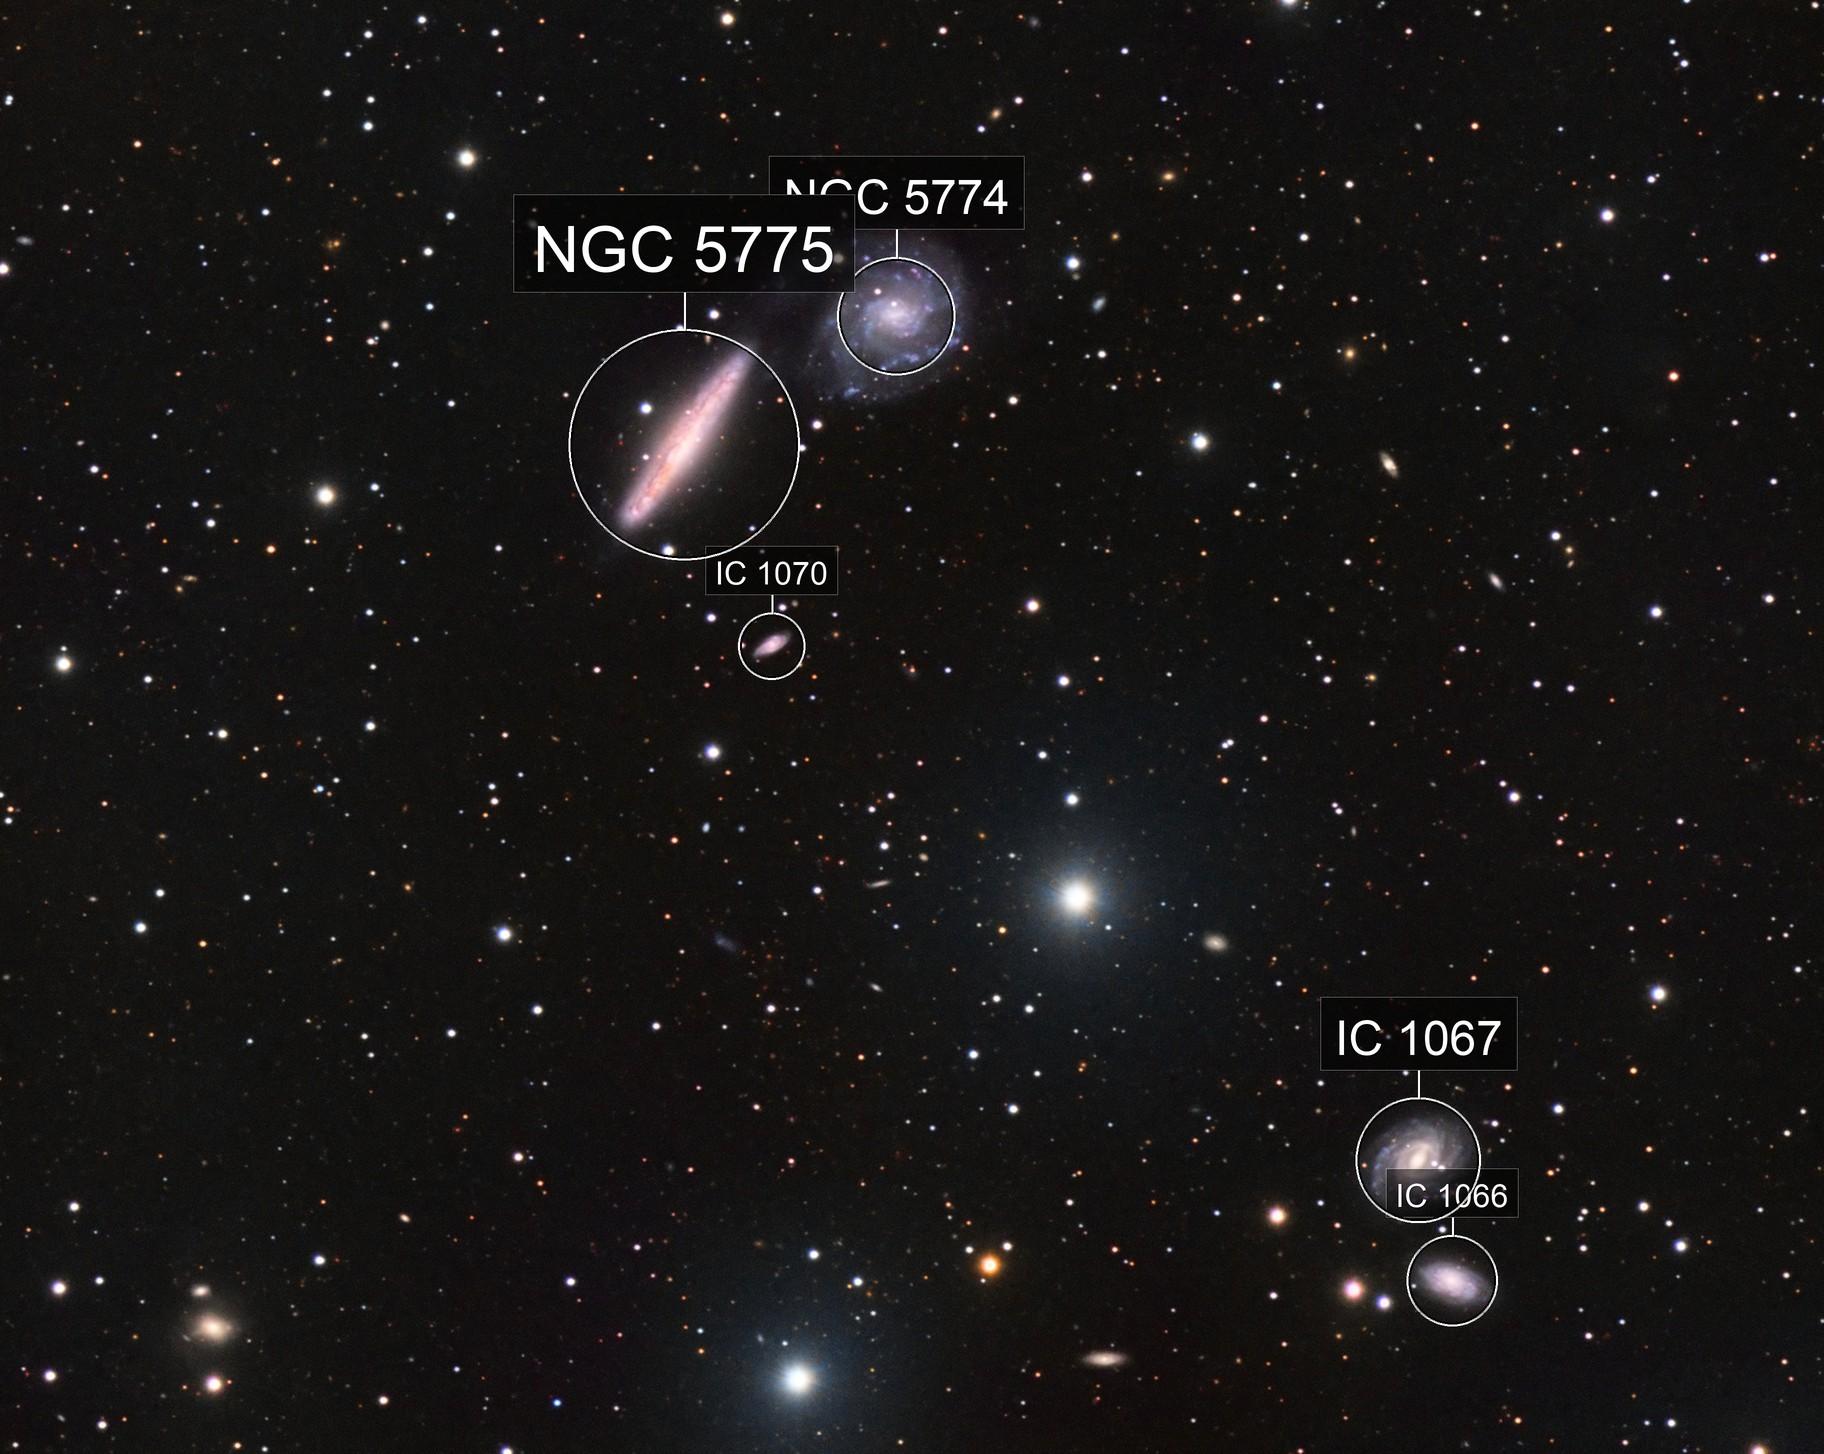 NGC5774, NGC5775, IC1066 & IC1067